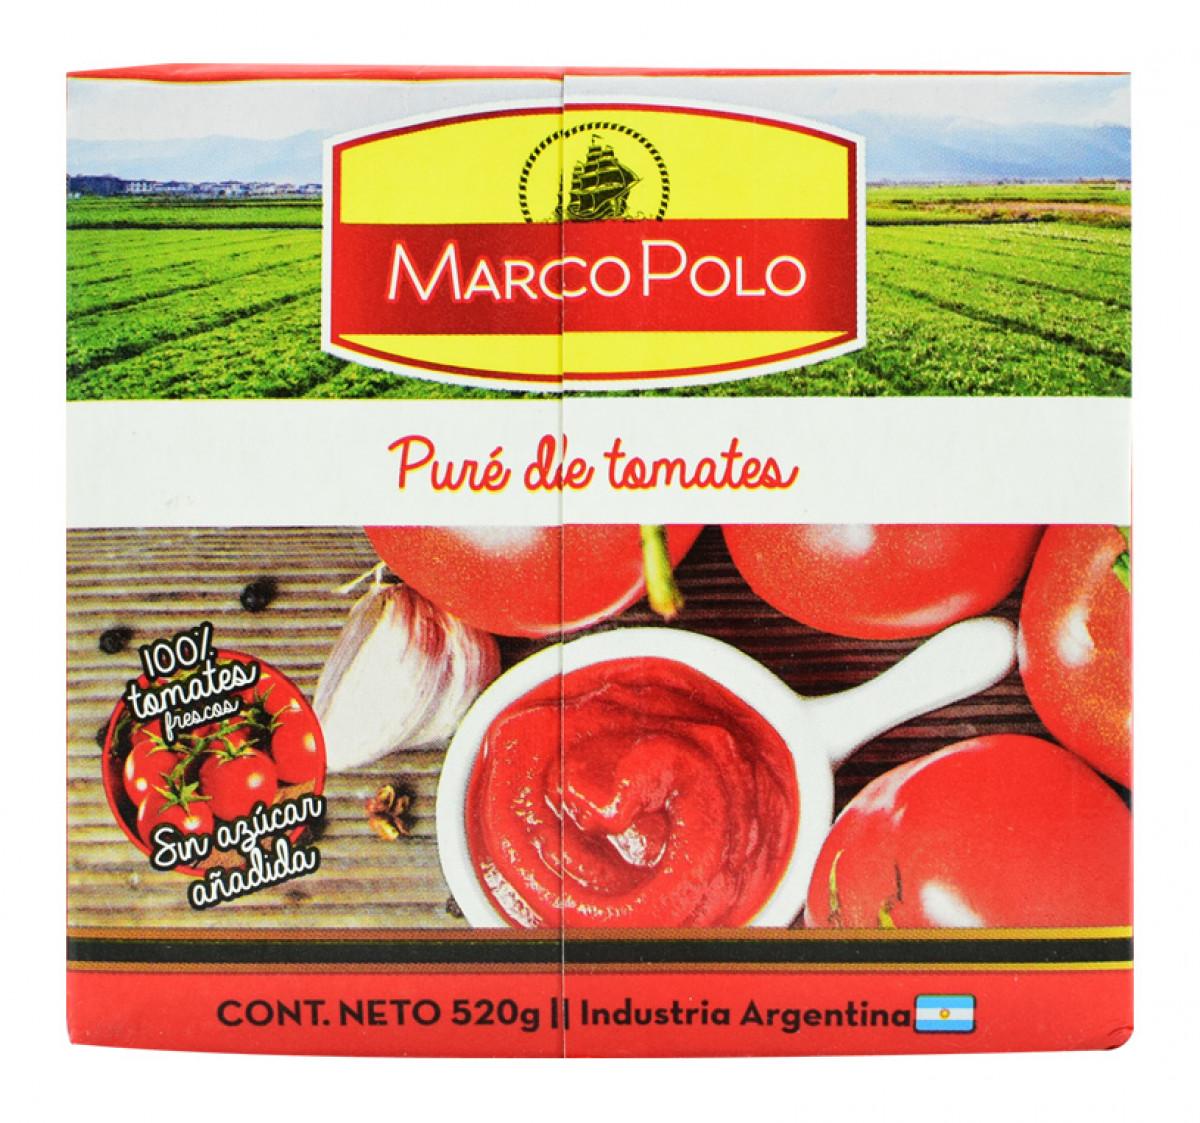 Pure de tomate Marcopolo 520gr.